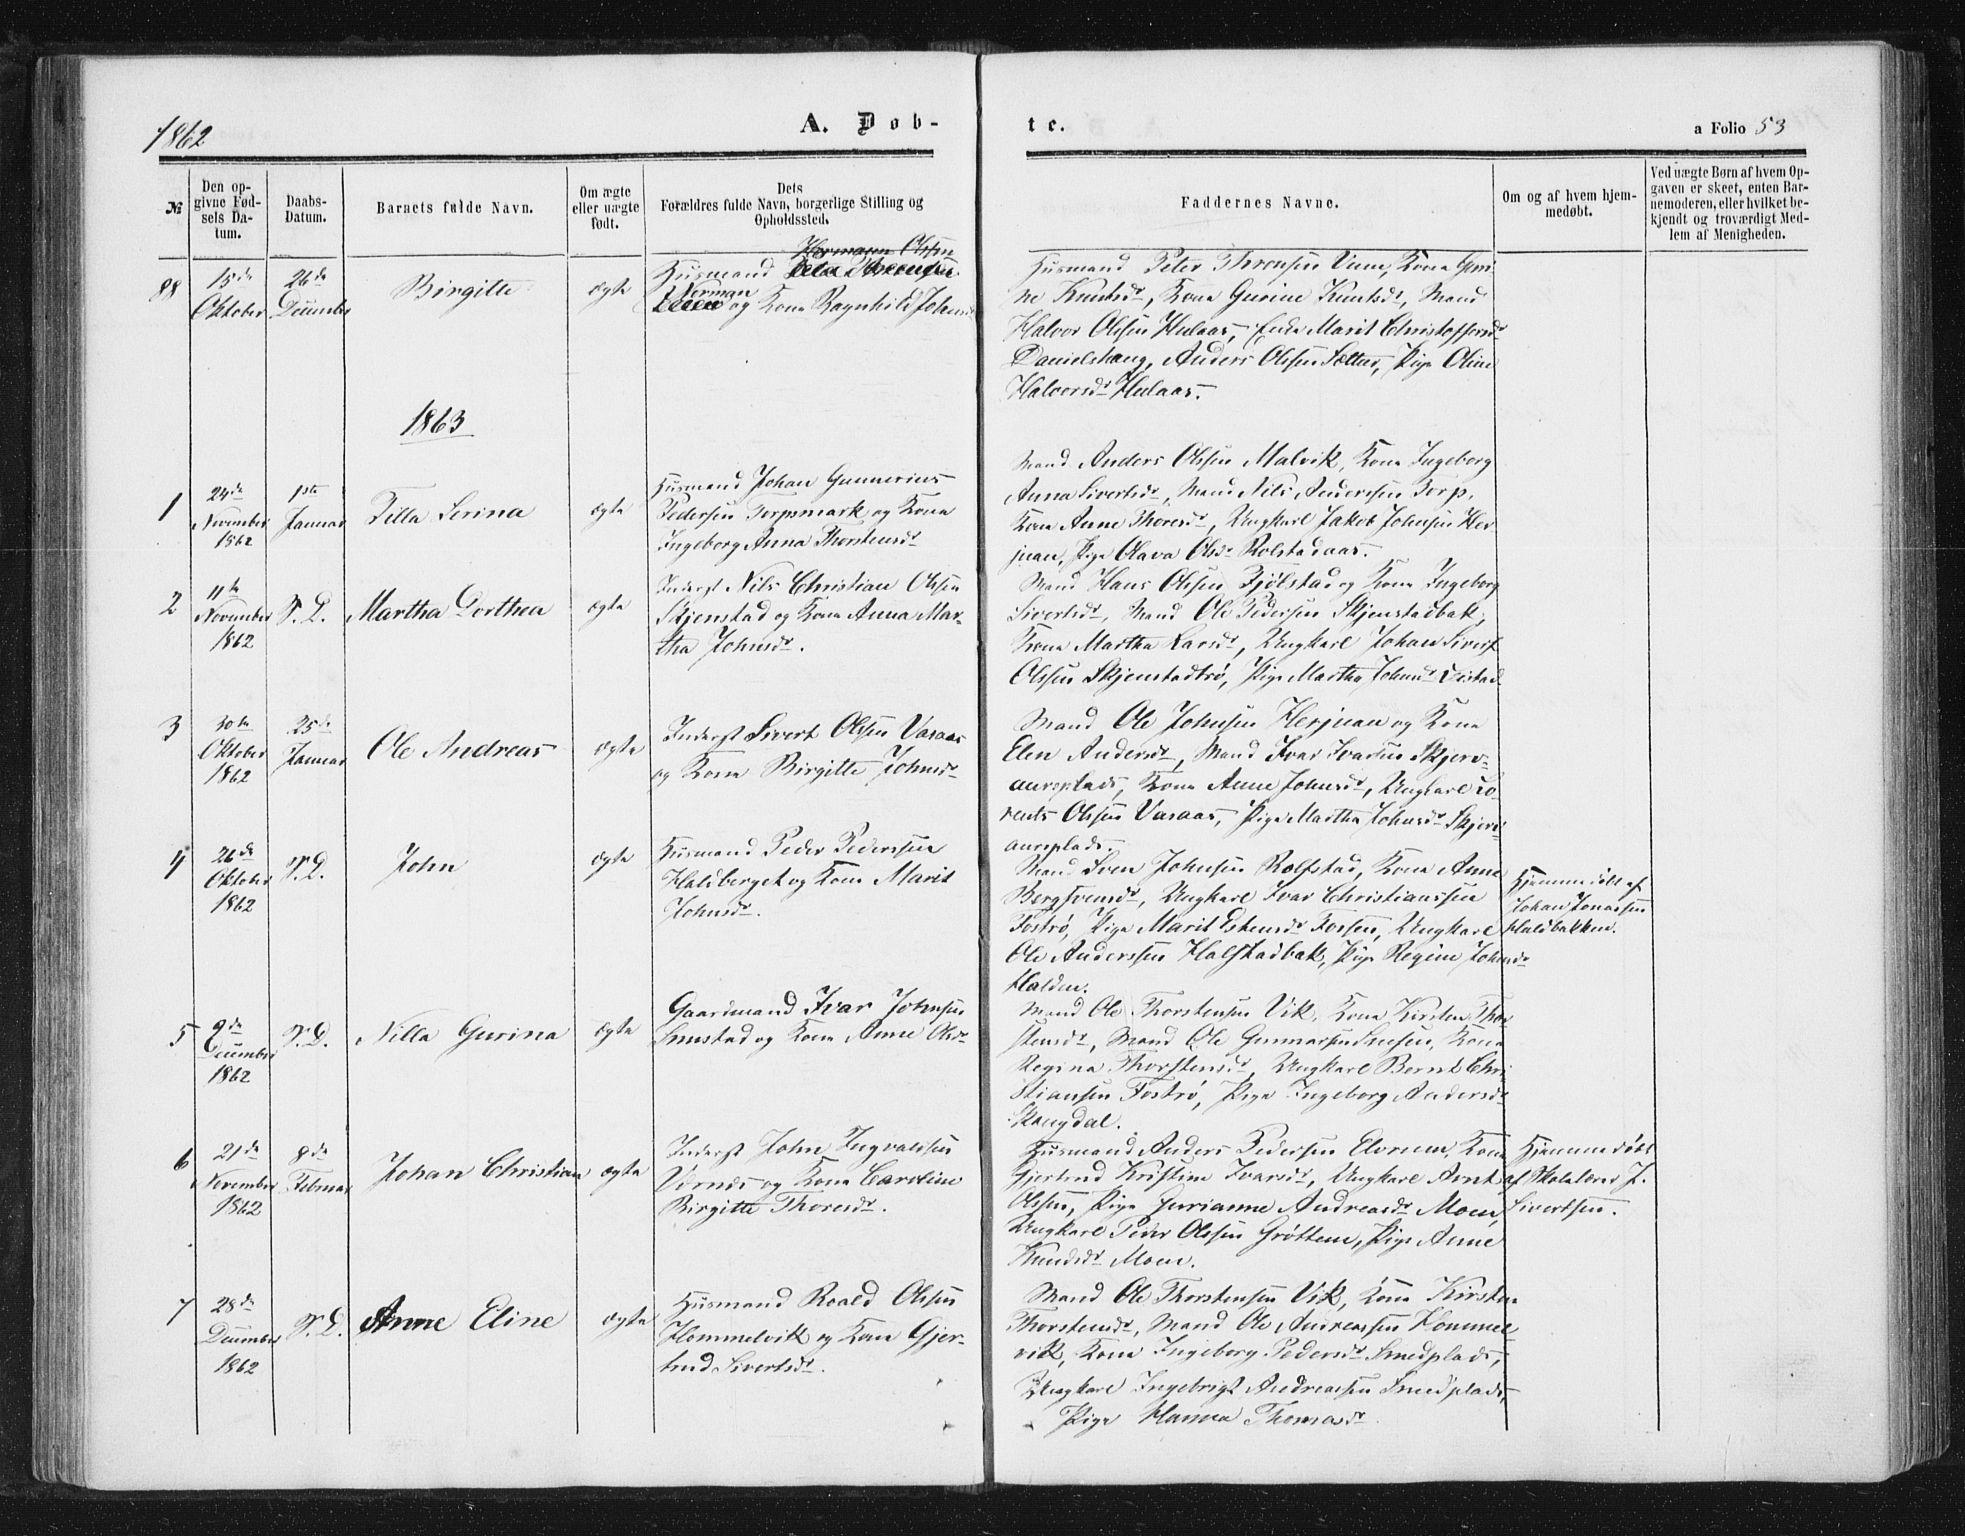 SAT, Ministerialprotokoller, klokkerbøker og fødselsregistre - Sør-Trøndelag, 616/L0408: Ministerialbok nr. 616A05, 1857-1865, s. 53